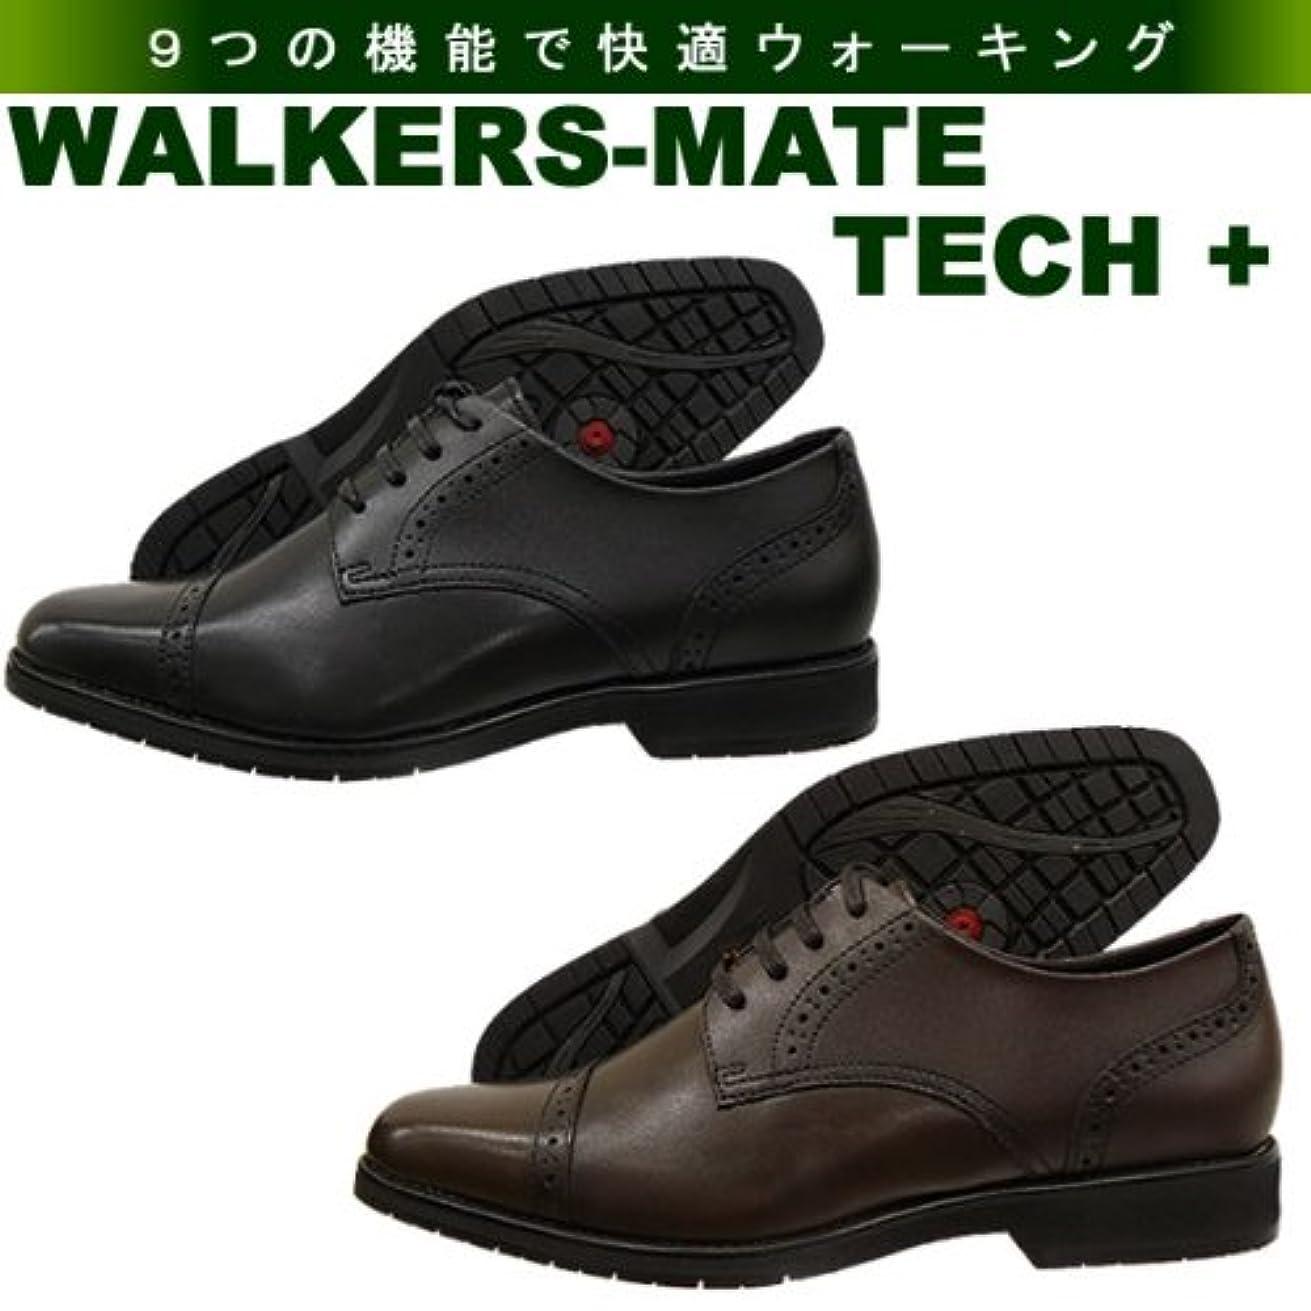 ヘロイン警戒相対性理論WALKERS-MATE TECH+ WAT-7803 [ウォーカーズメイトテックプラス]レースアップ/ブローグ【メンズ Men's】